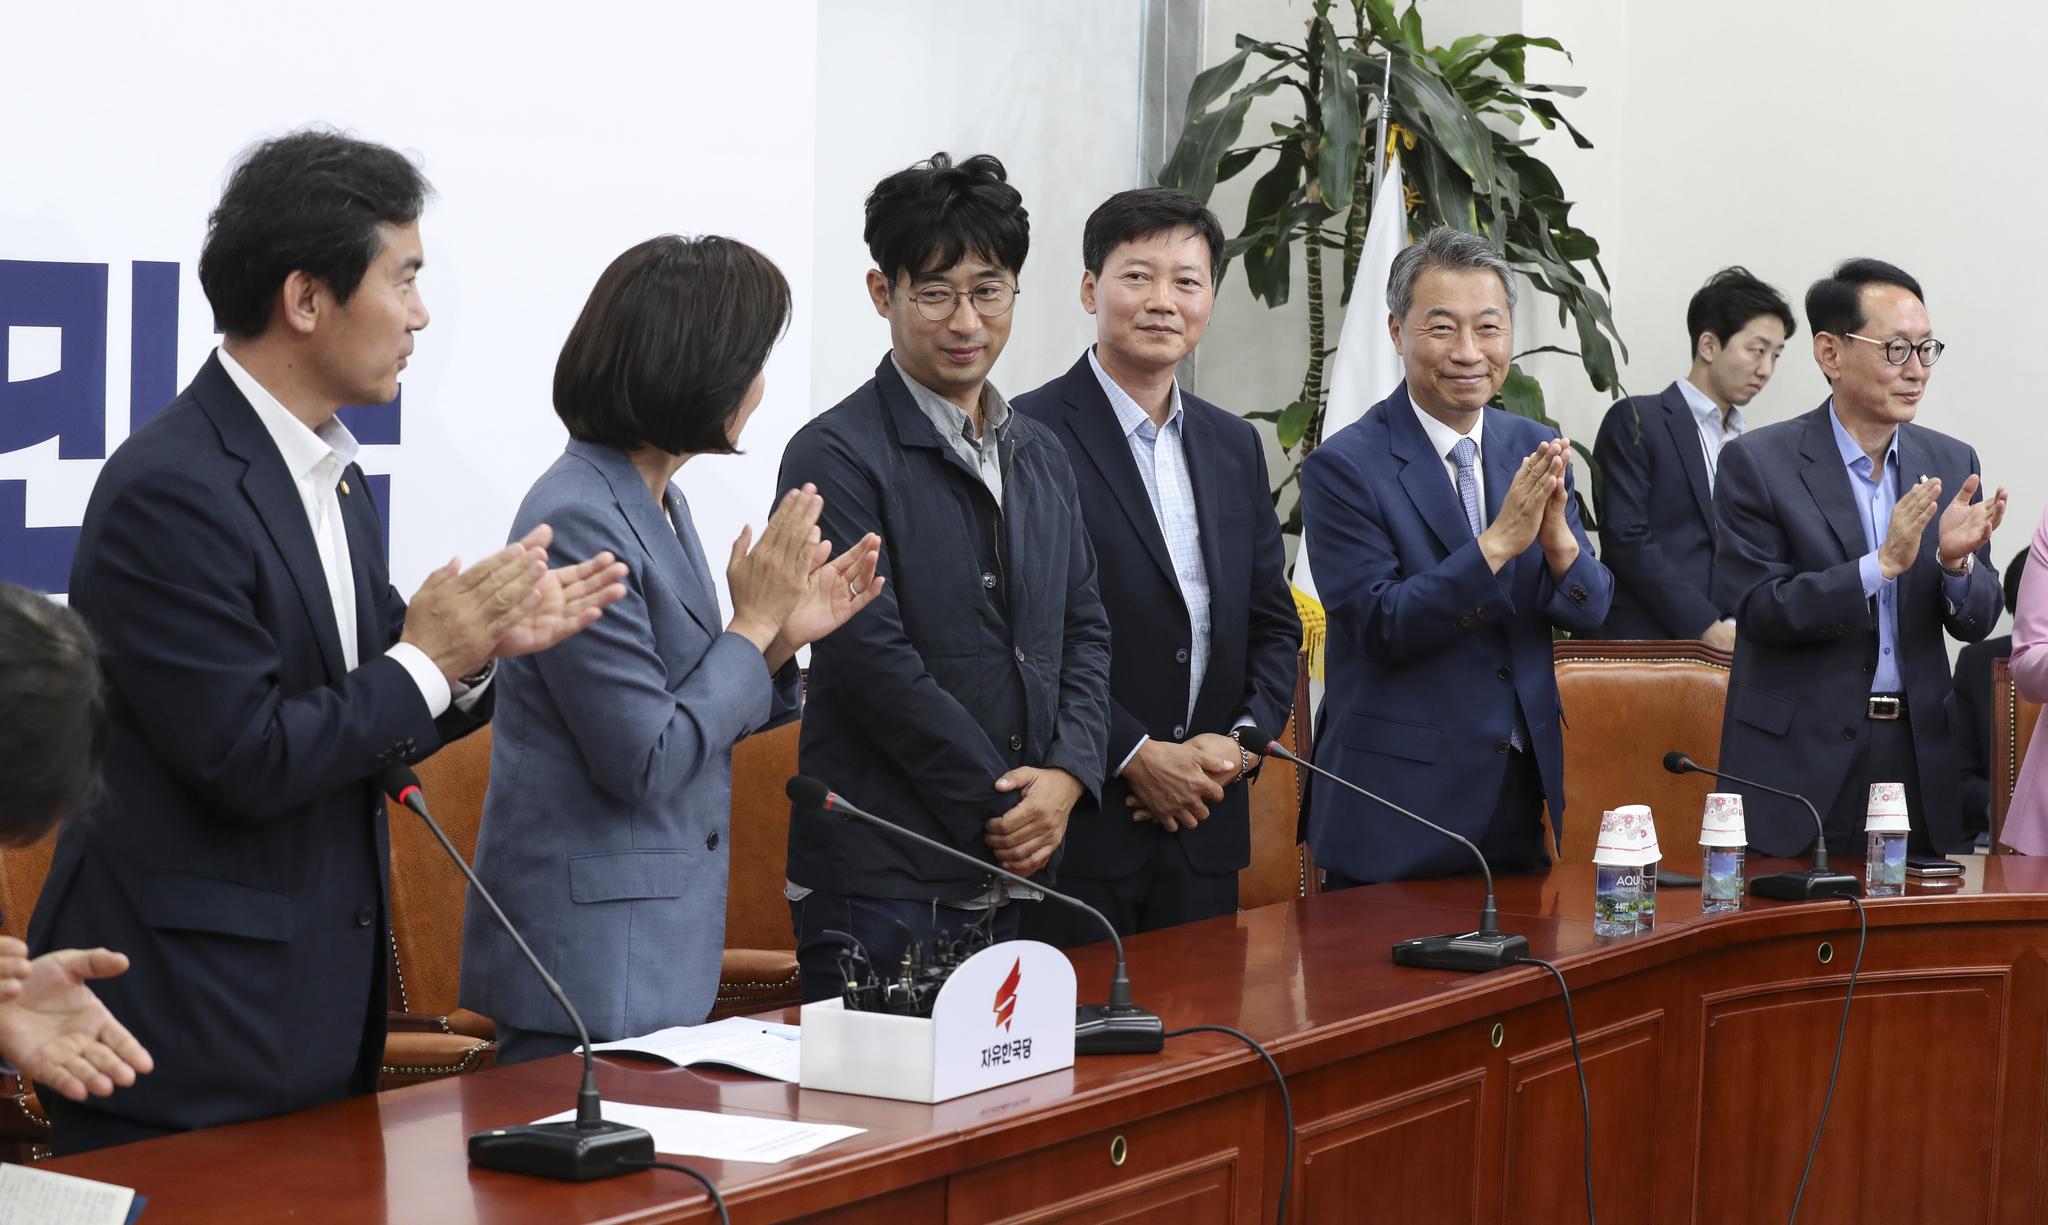 자유한국당 '북한 선박 삼척항 입항 사건 최초 신고자 및 촬영자 초청 간담회'가 2일 오후 국회에서 열렸다. 나경원 원내대표(왼쪽 둘째)와 의원들이 북한 목선 최초 신고자인 김경현(오른쪽 네번째)씨와 촬영자인 전동진(왼쪽 세번째)씨에게 박수를 치고 있다.  임현동 기자